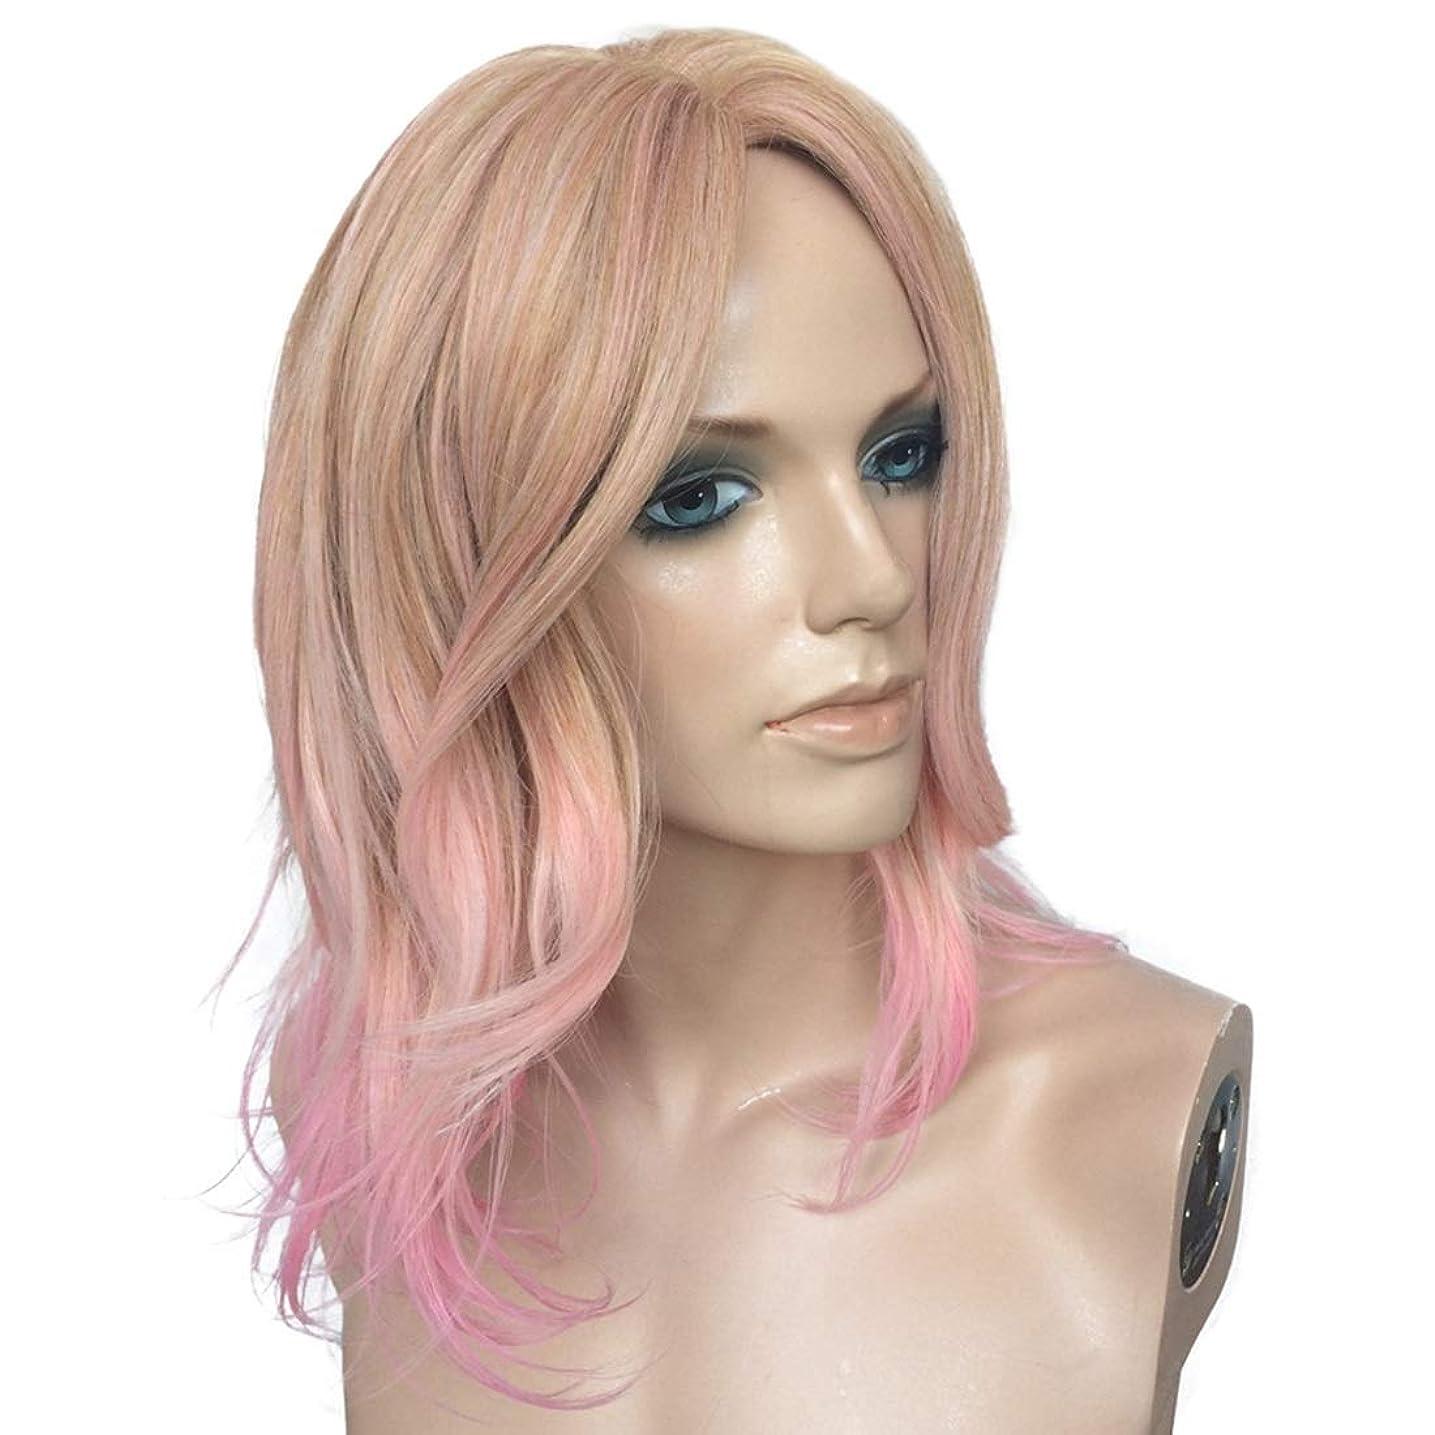 楽観的ポーター戦闘Koloeplf ミックスカラーマイクロロールピンクミディアムロングオベリスクバングウィッグファッションヨーロッパとアメリカのウィッグ (Color : Mixed color pink)